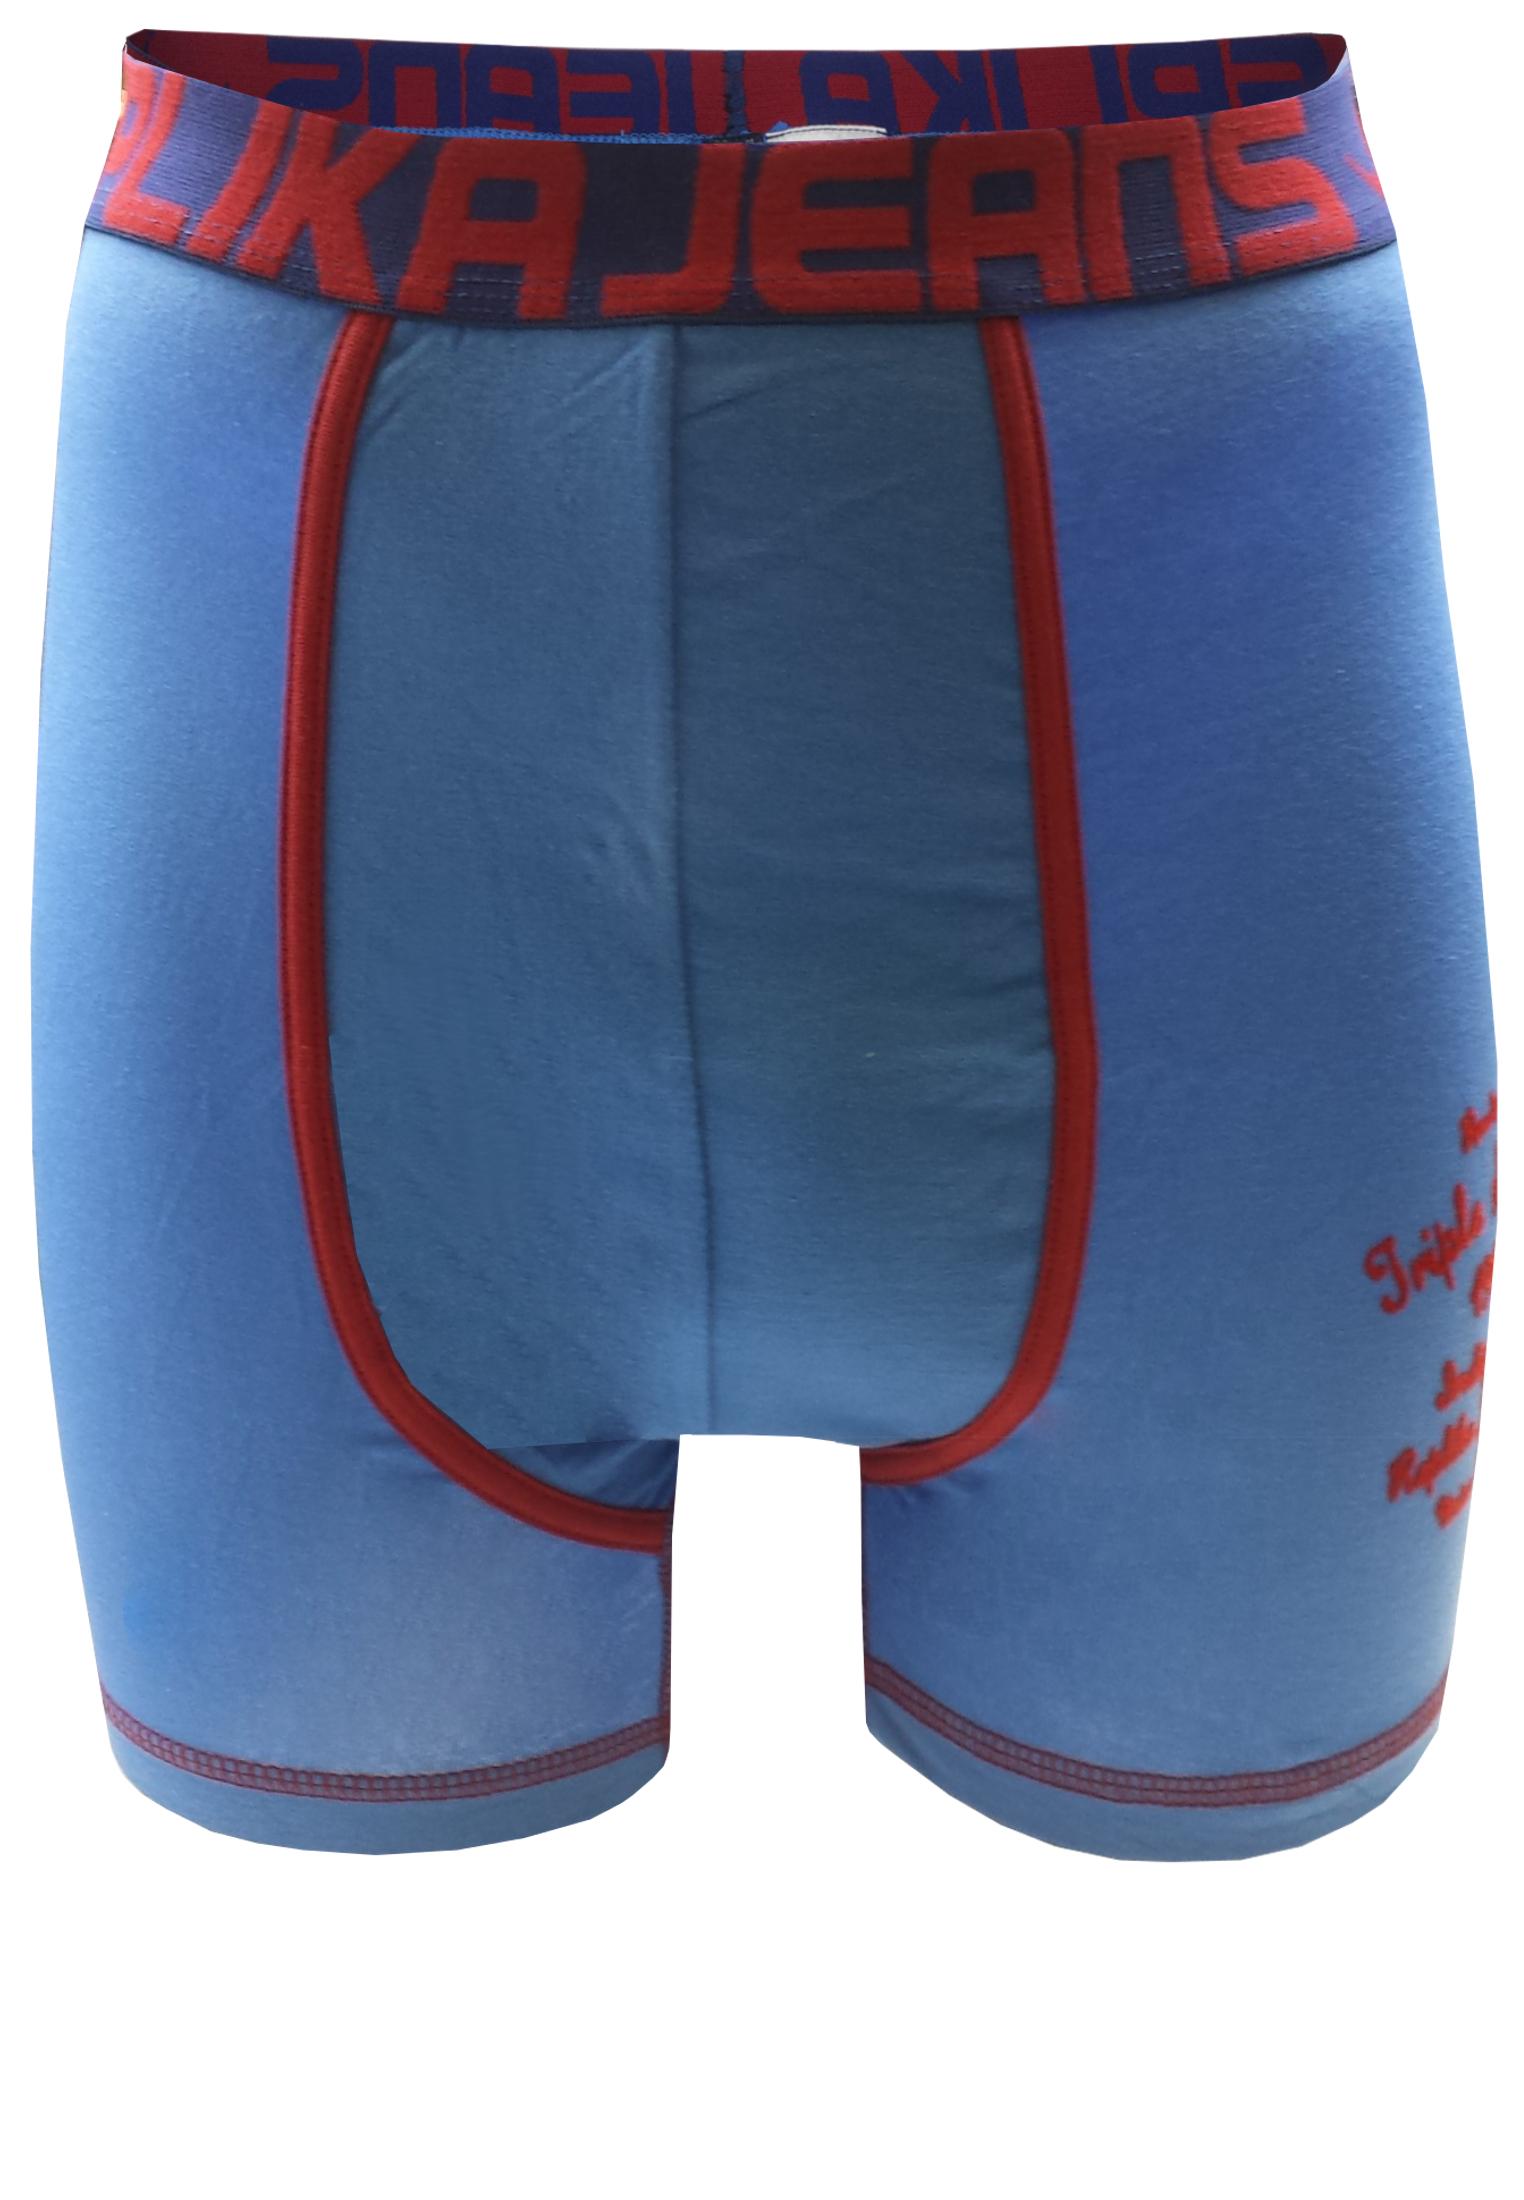 Effen Replika boxershort met een contrasterende stof langs het verstevigde kruis, een vilten print op de linker pijp en een brede elastische tailleband met merklogo voor een optimale pasvorm.